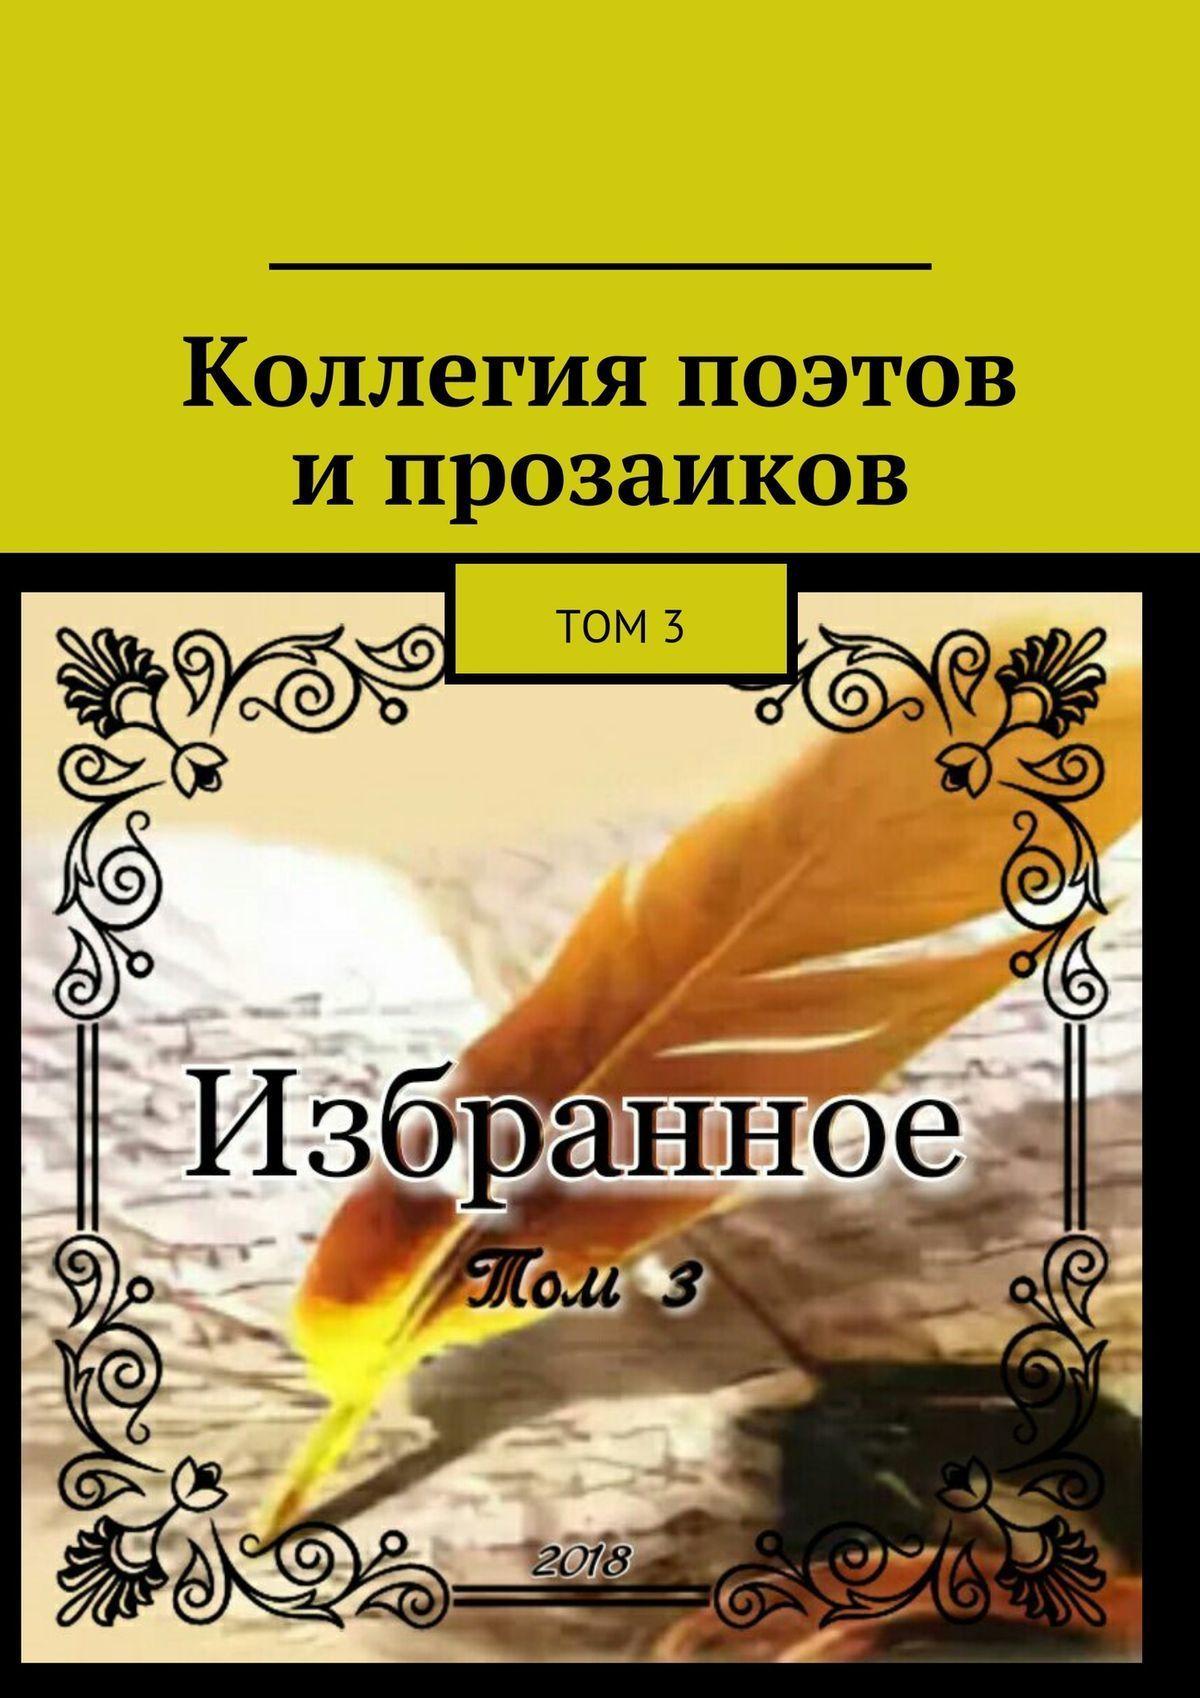 Коллегия поэтов и прозаиков. Том 3